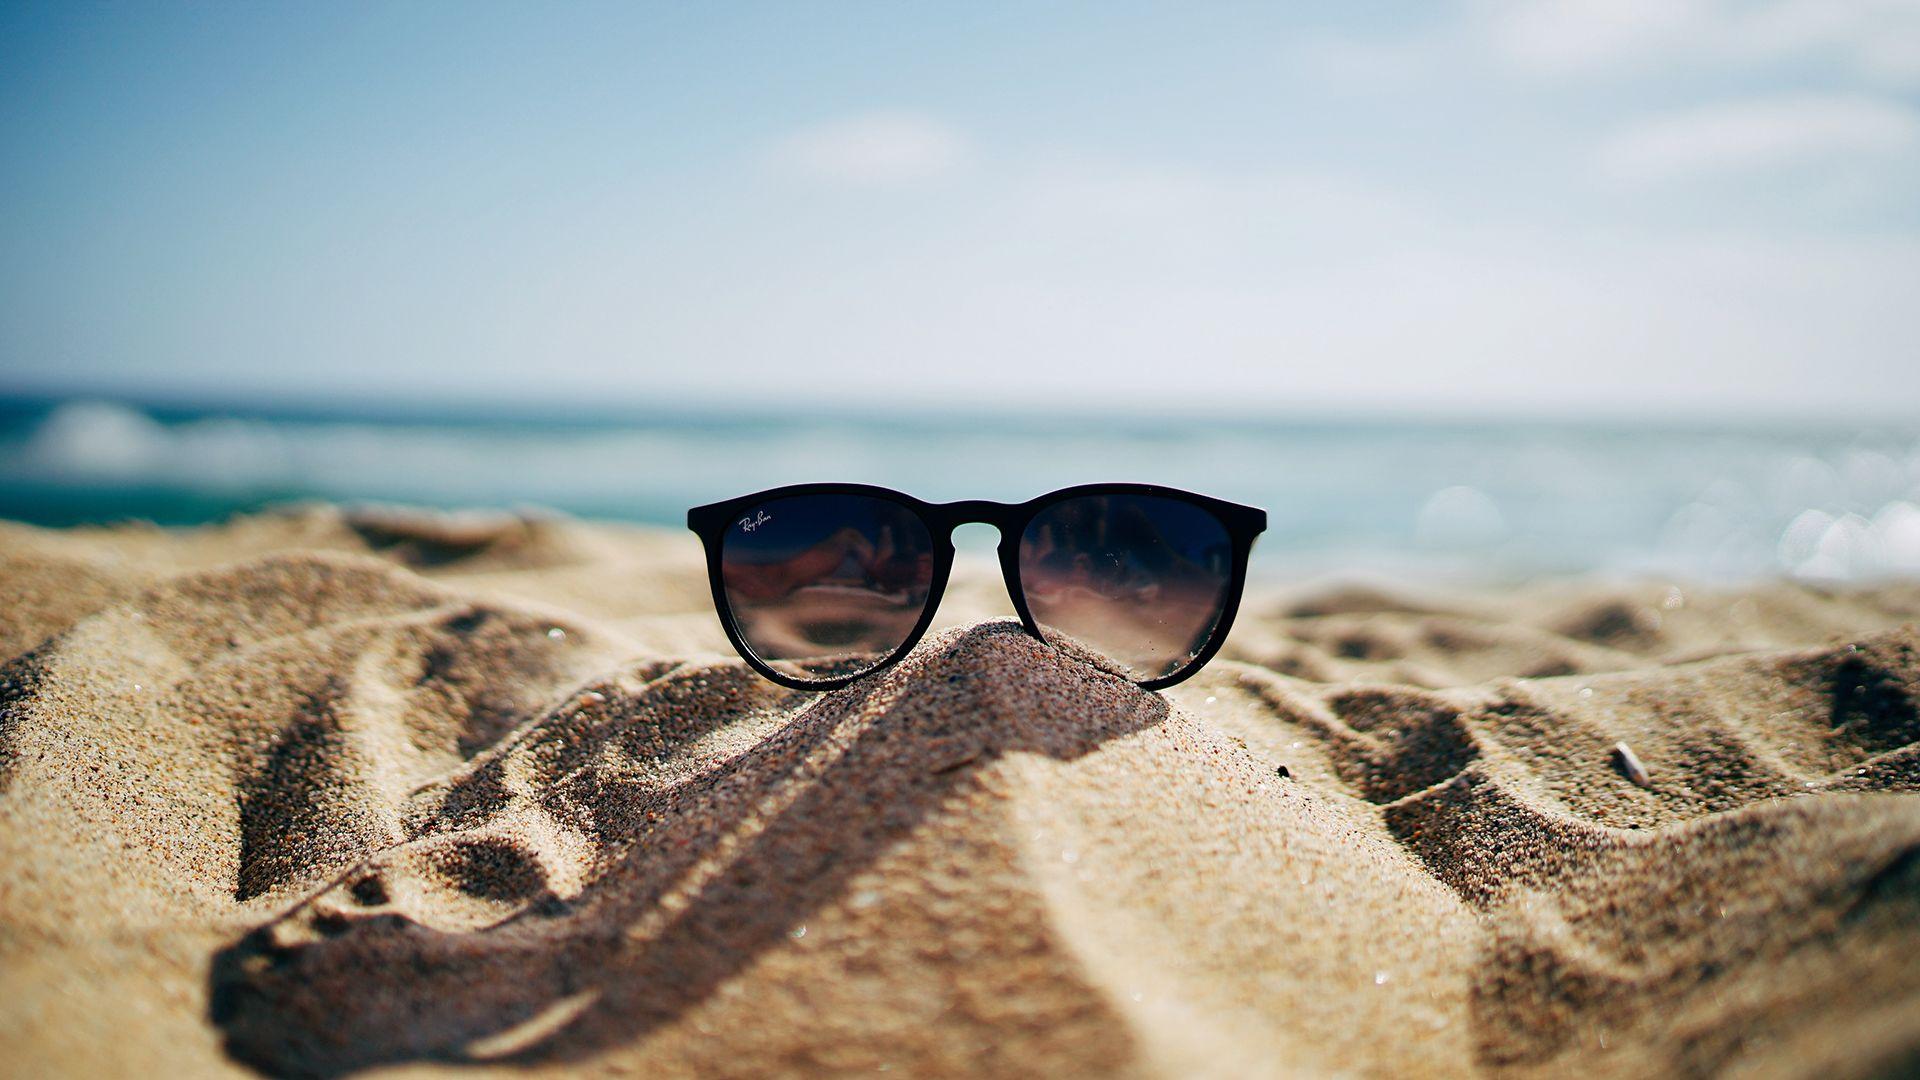 napszemüveg, nyár